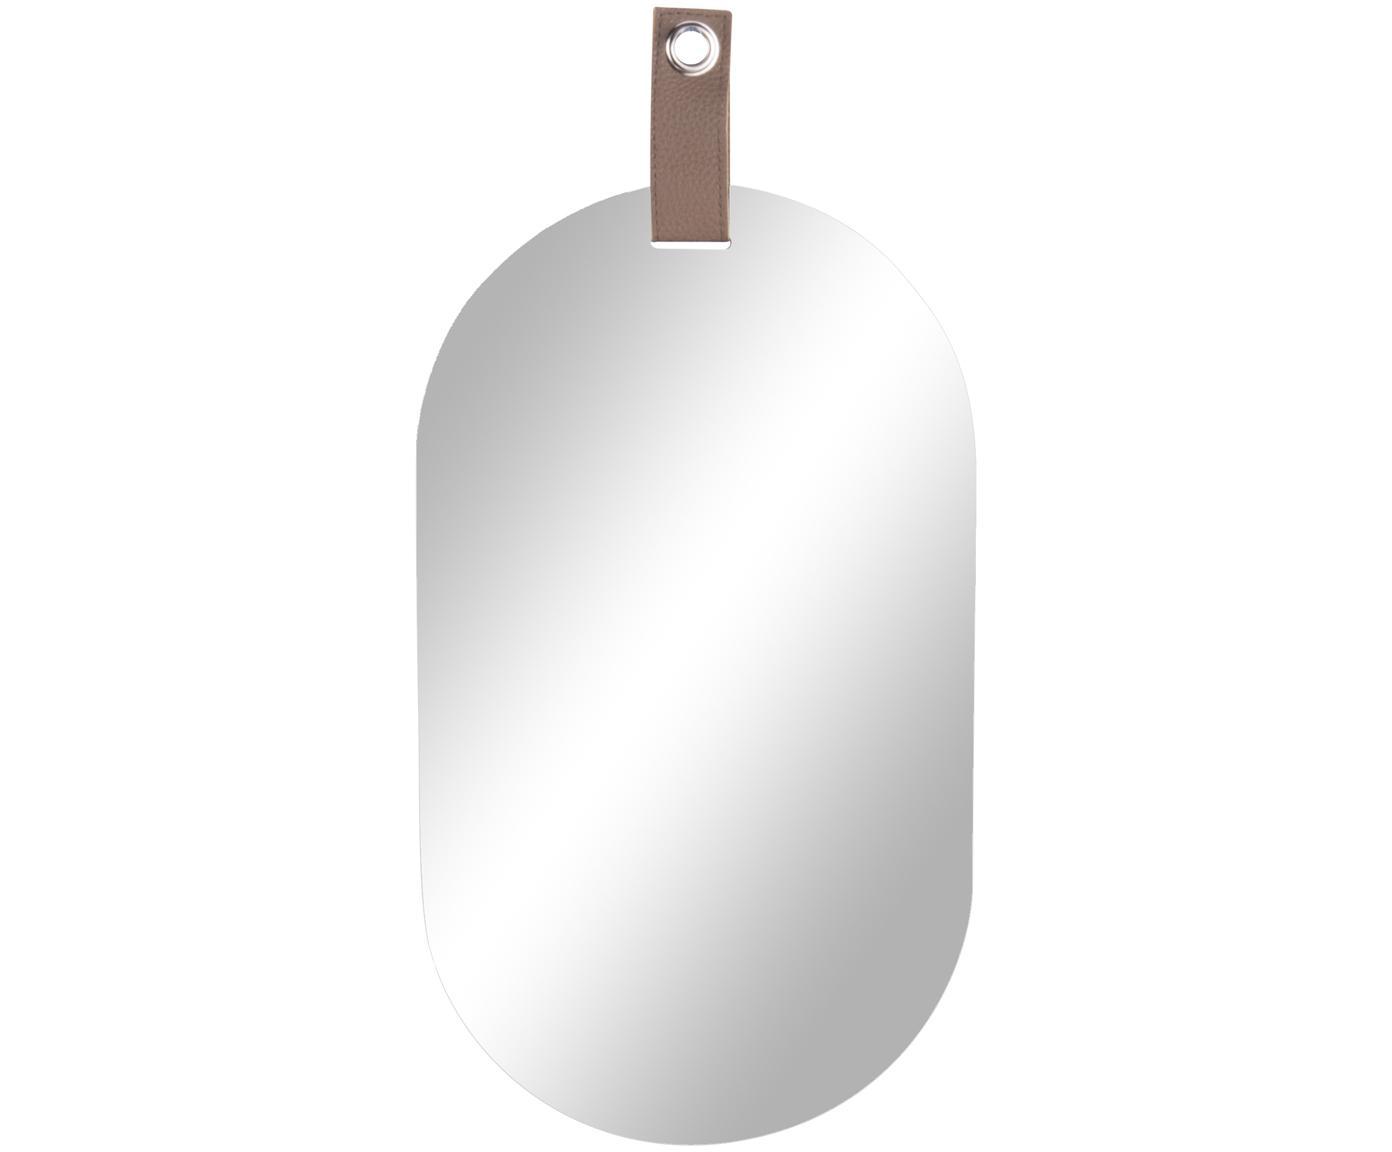 Owalne lustro ścienne Perky, Szkło lustrzane, S 22 x W 39 cm